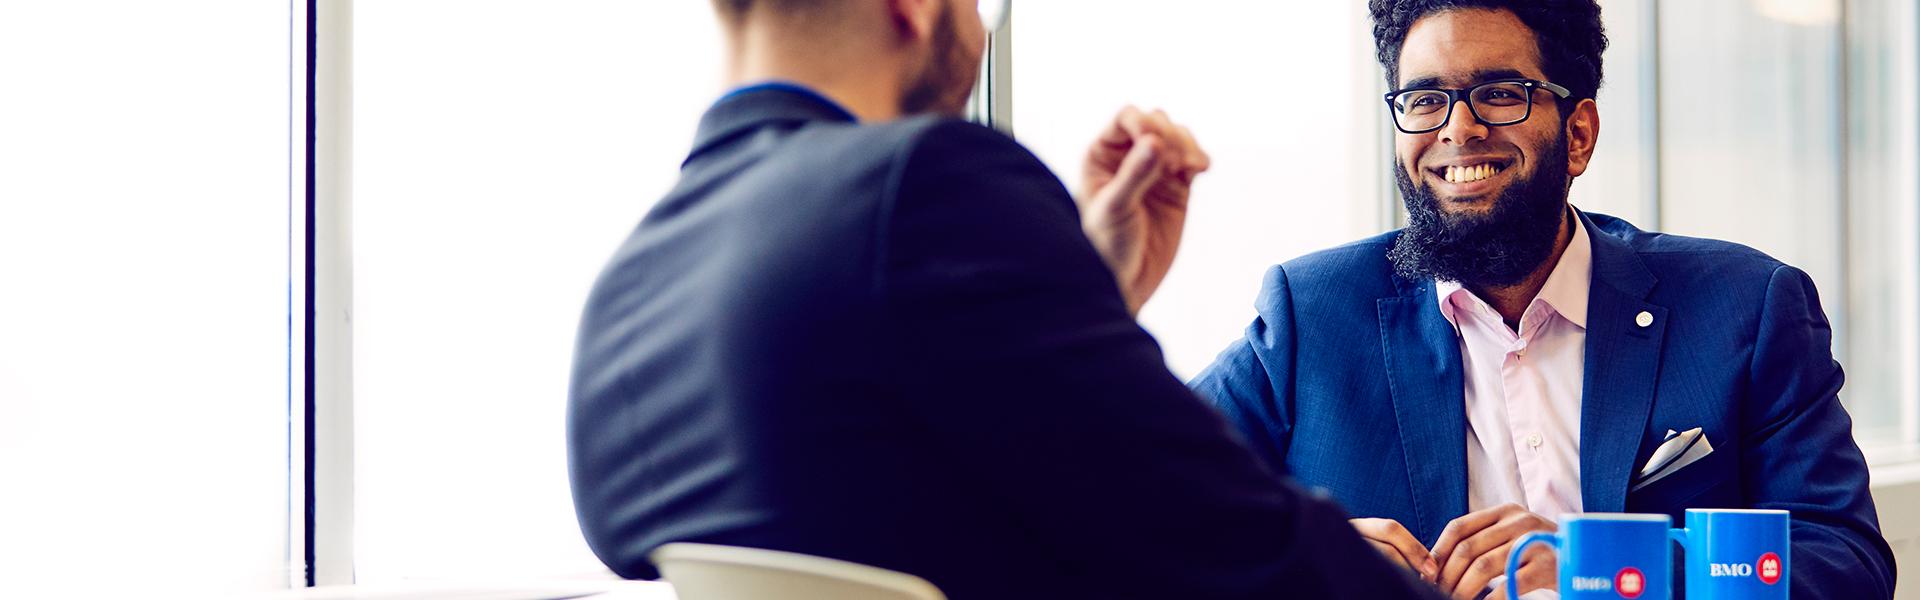 Two male coworkers having a coffee break.